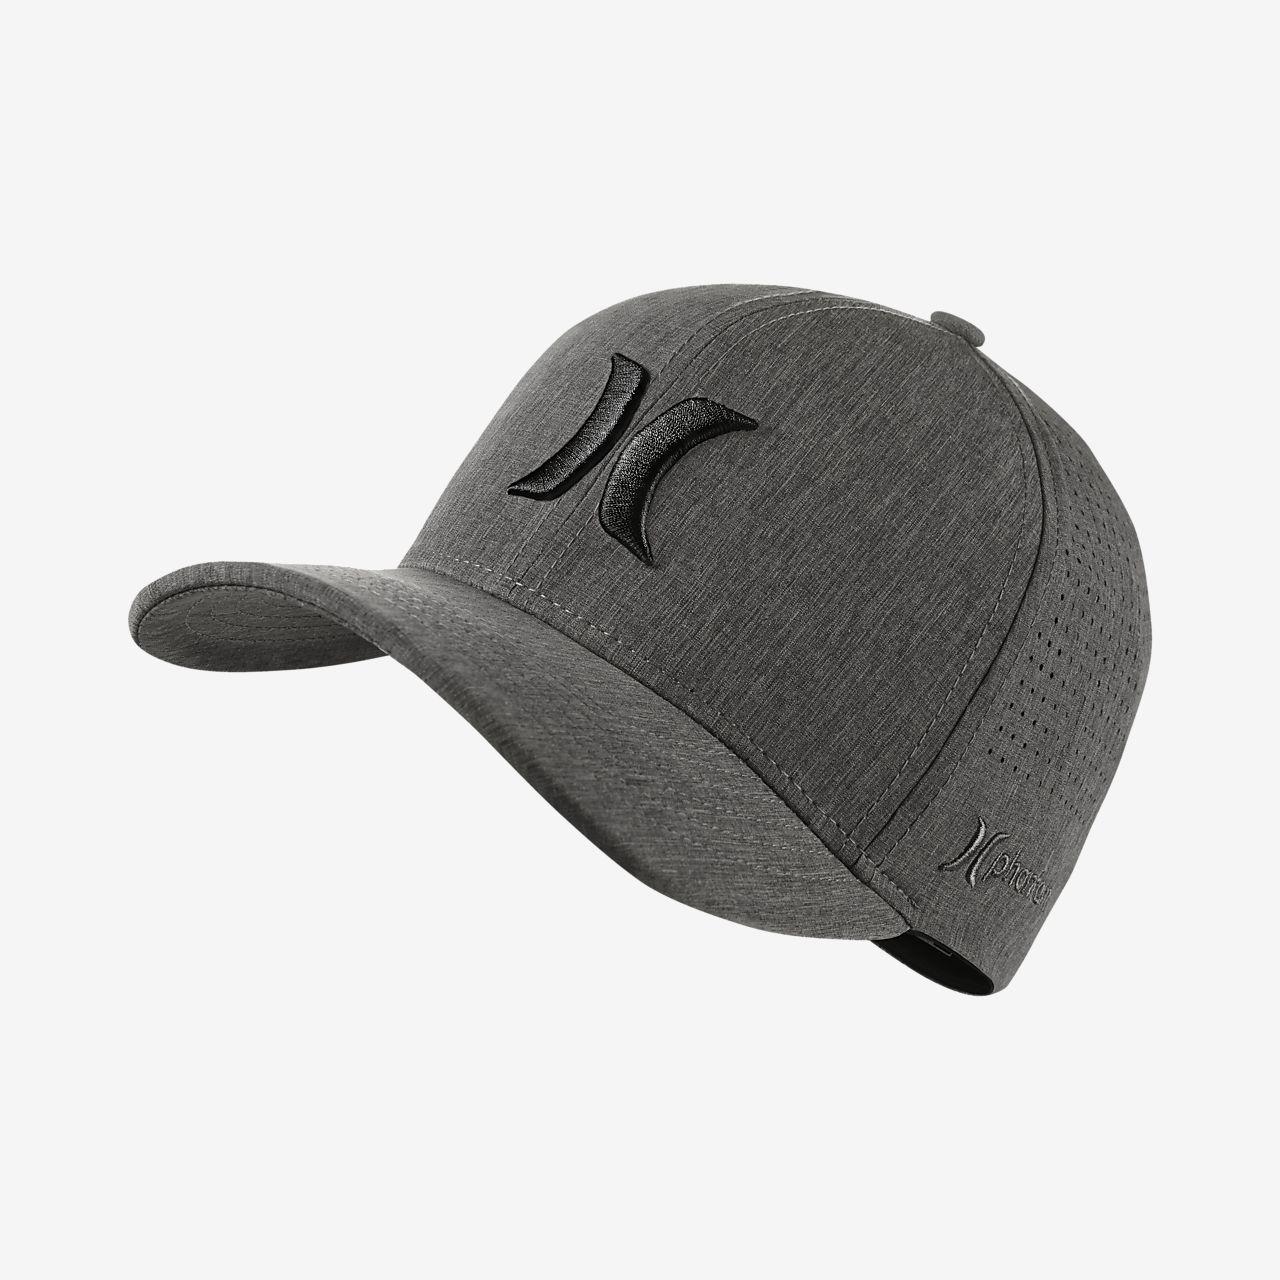 Hurley Phantom Vapor 3.0 Men s Fitted Hat. Nike.com ZA 3155a6de0